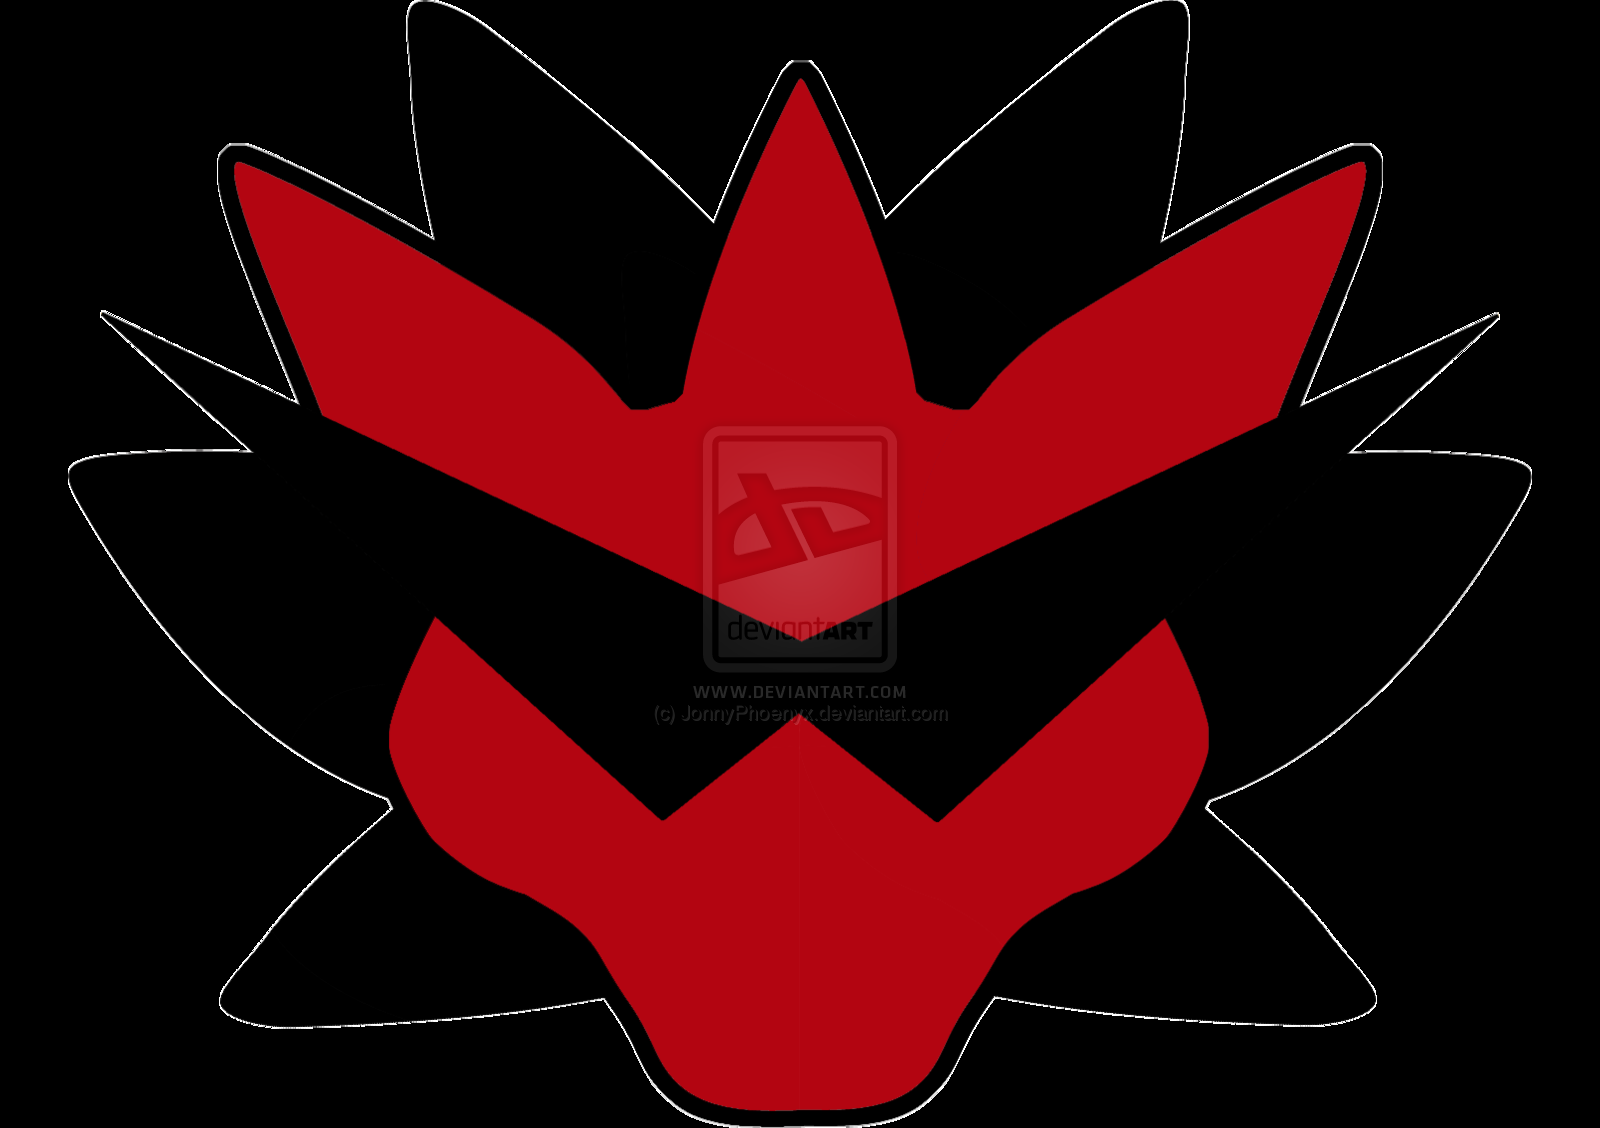 Team Rocket Logos